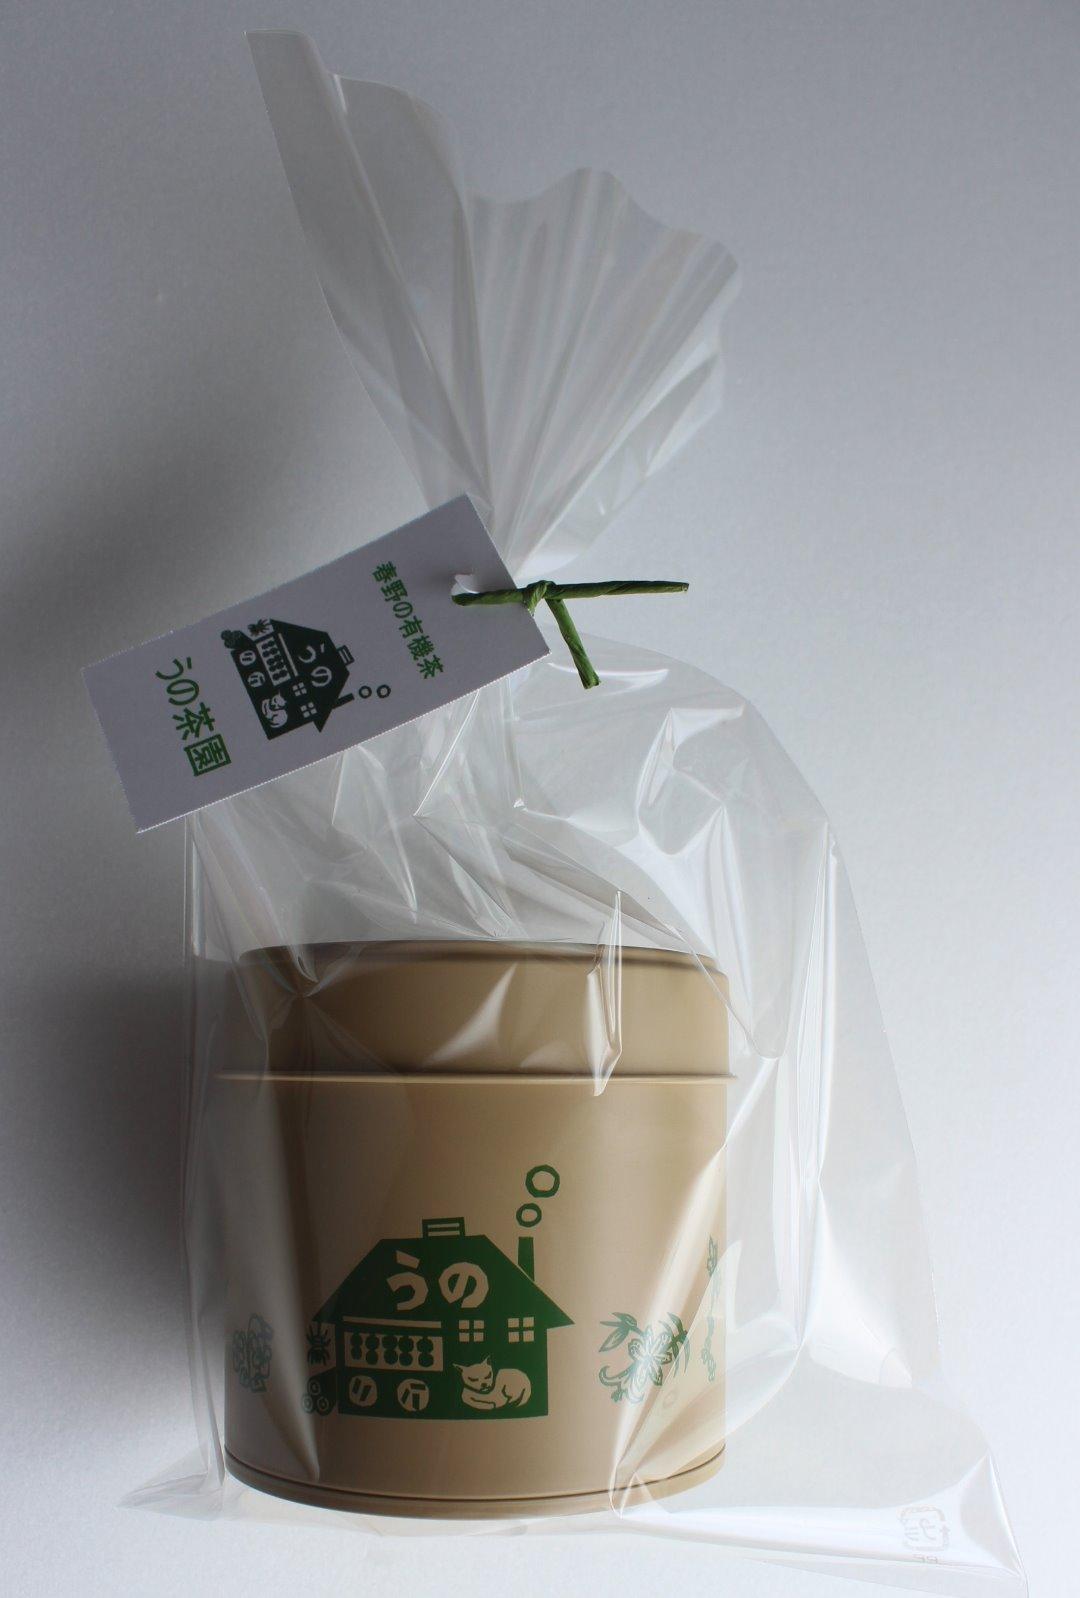 1500円ギフト缶【新茶】画像